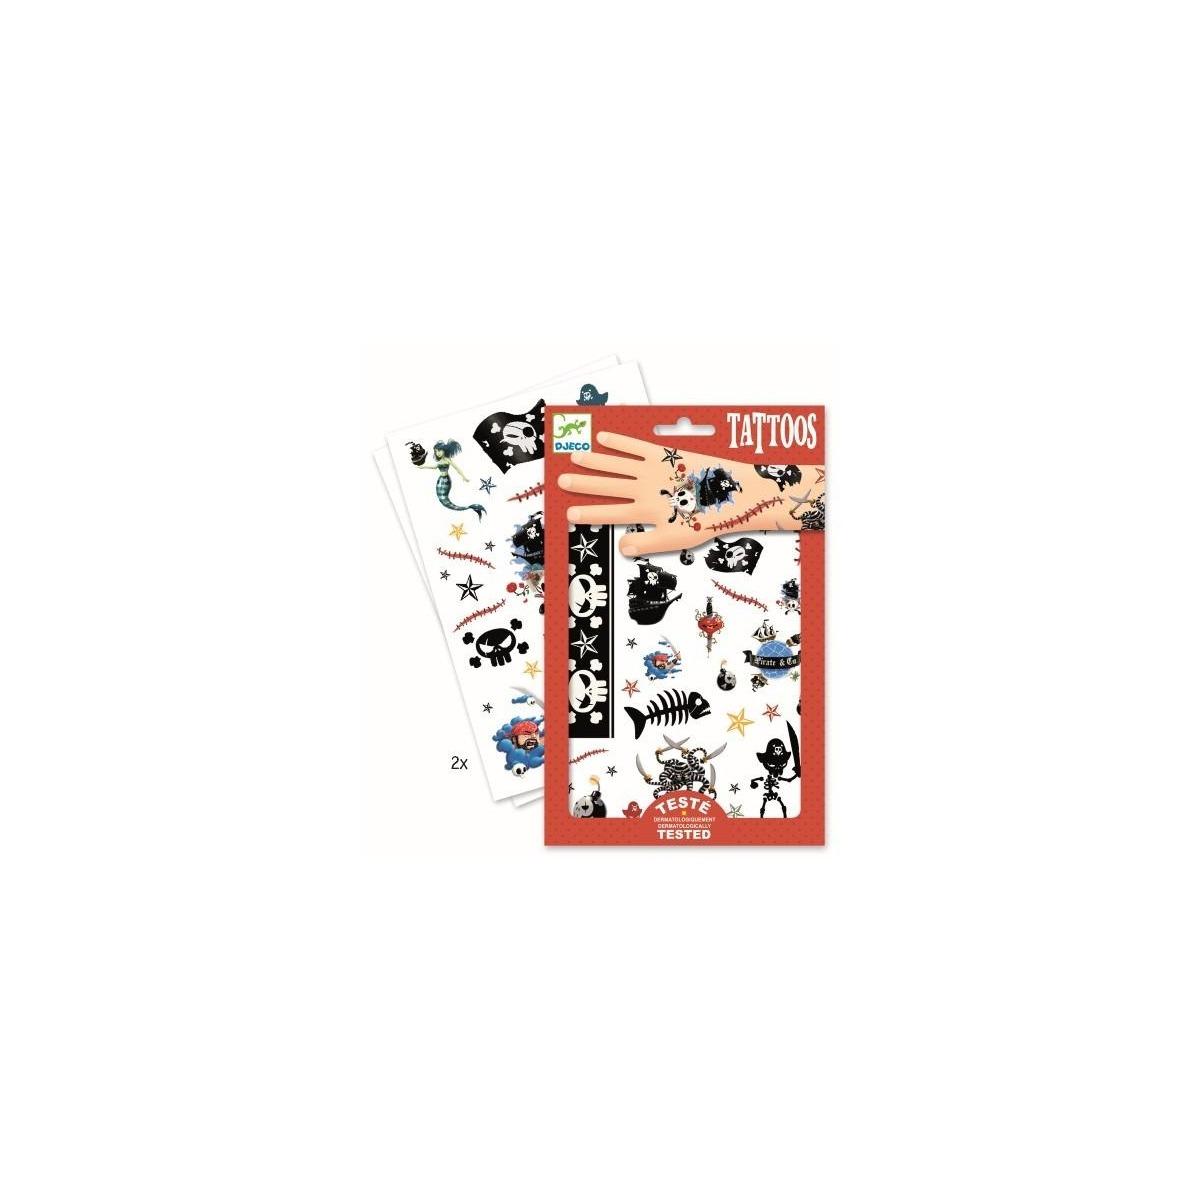 Tattos De Piratas Y Calaveras De Djeco Disfraces Infantiles